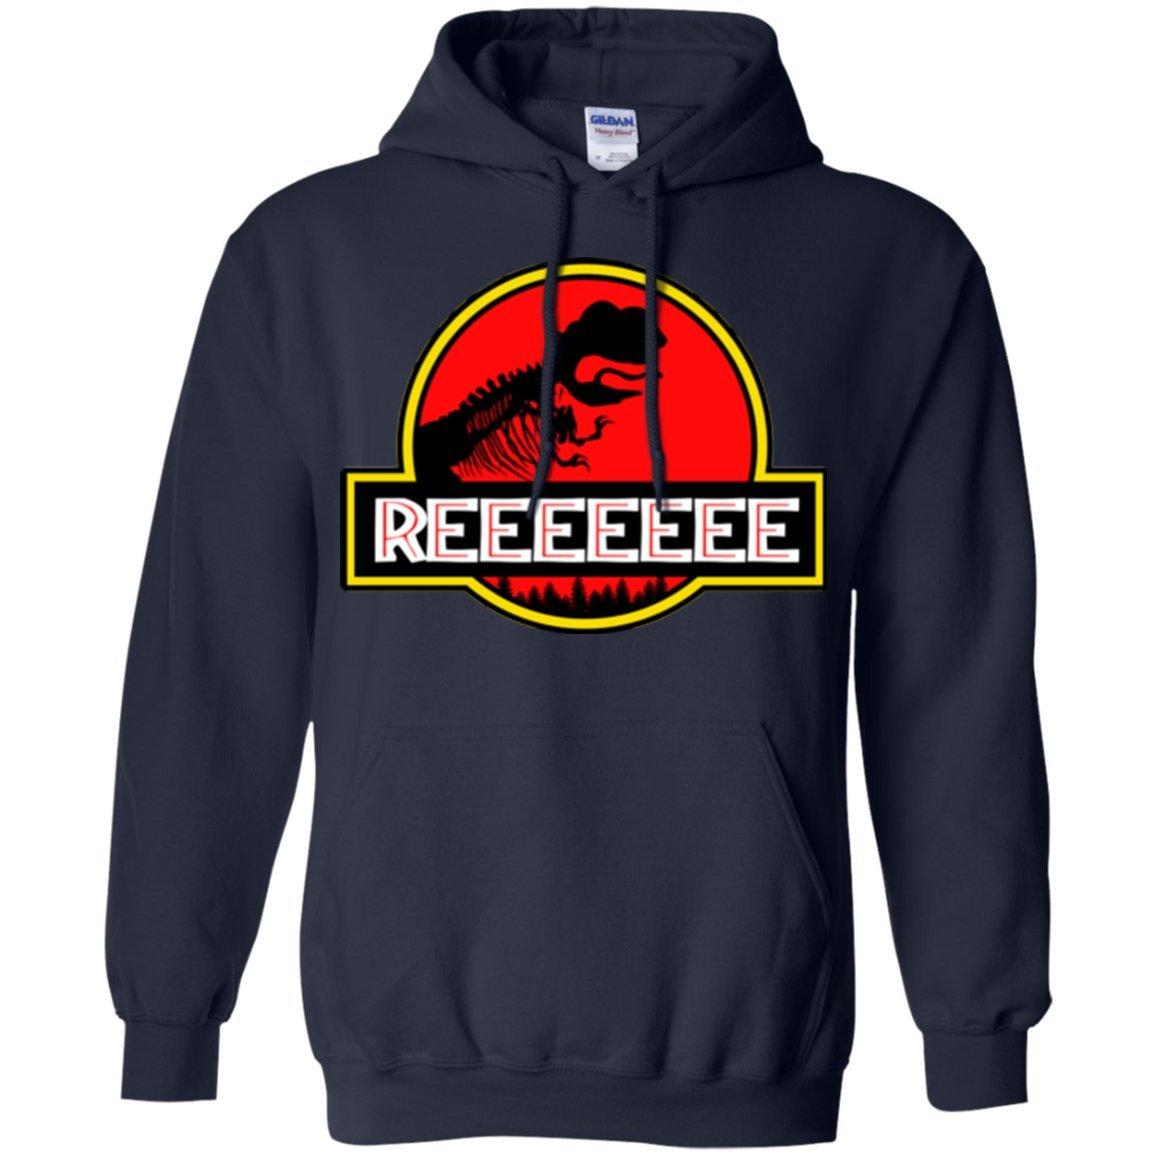 ThatMerch.Store Jurassic Pepe The Frog Reeeeee Parody Kekistan Hoodie